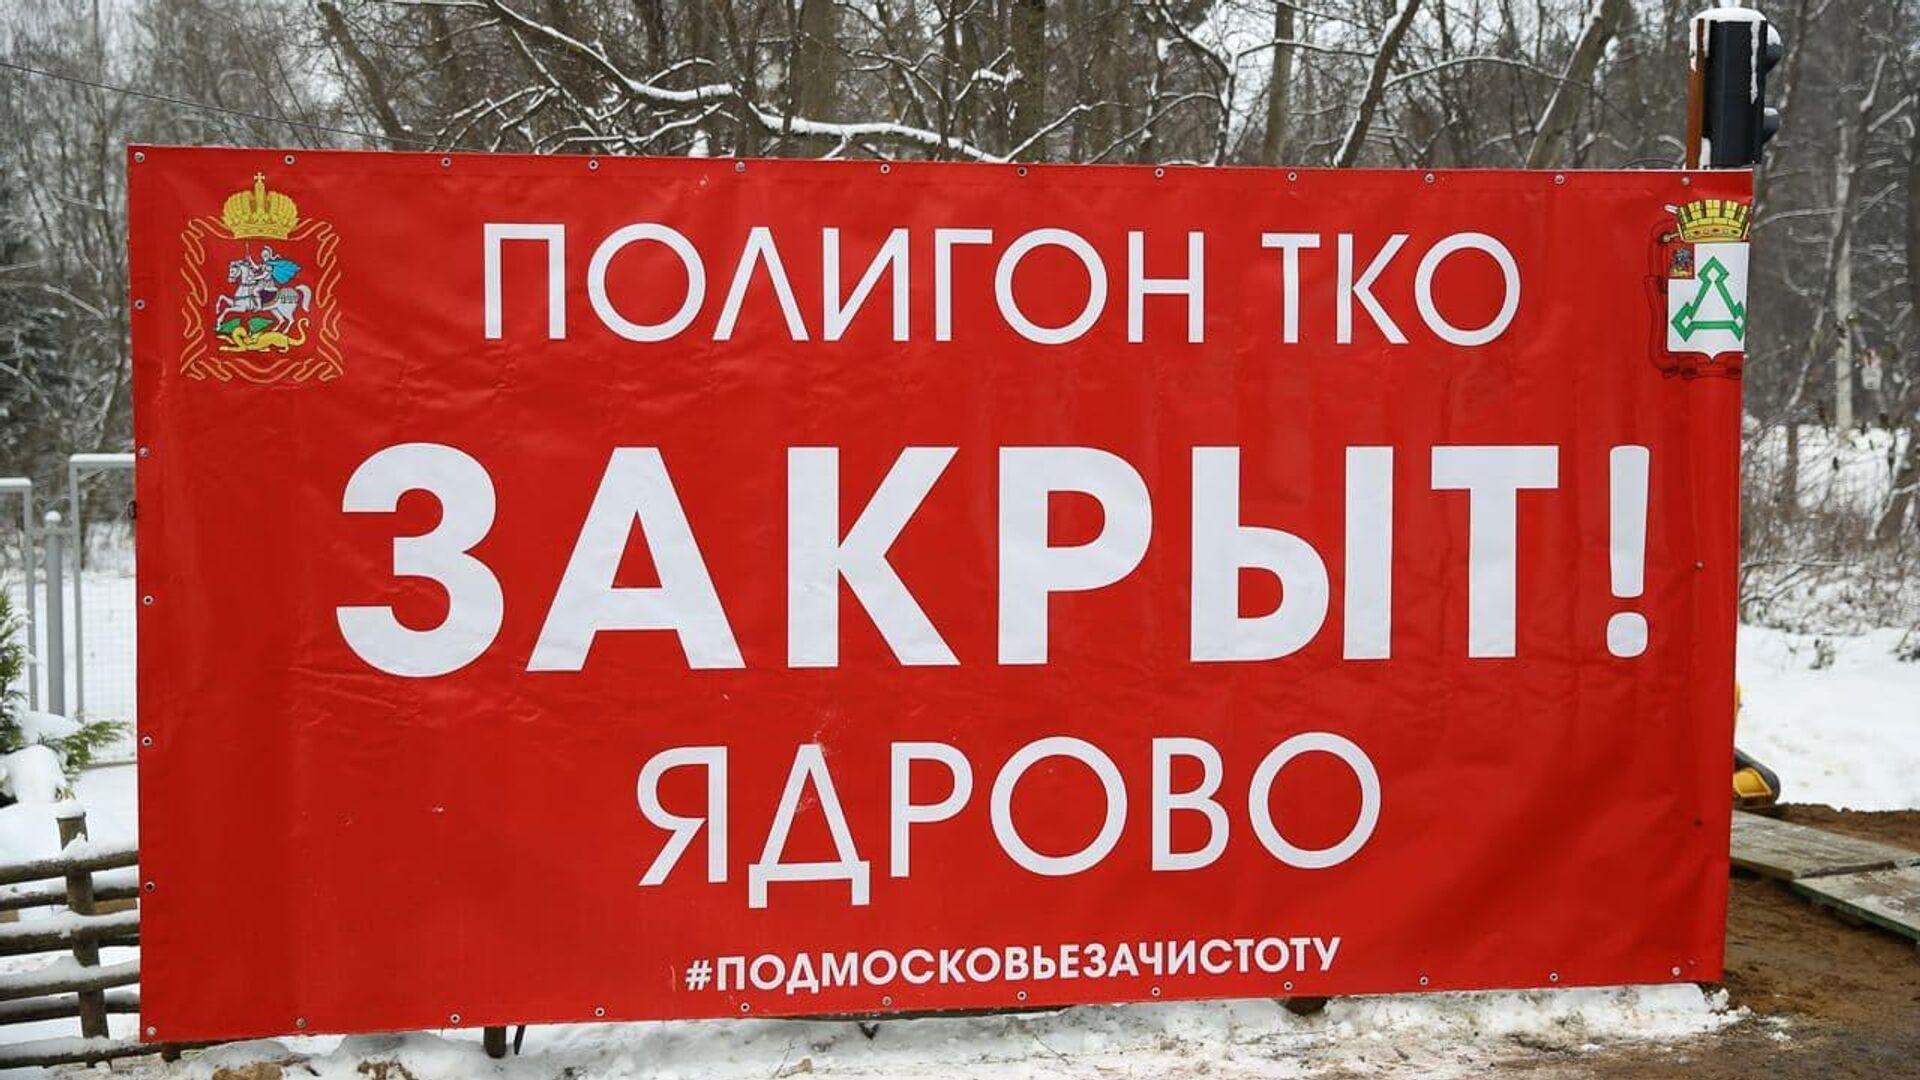 Информационный щит о закрытии полигона ТКО Ядрово - РИА Новости, 1920, 15.12.2020